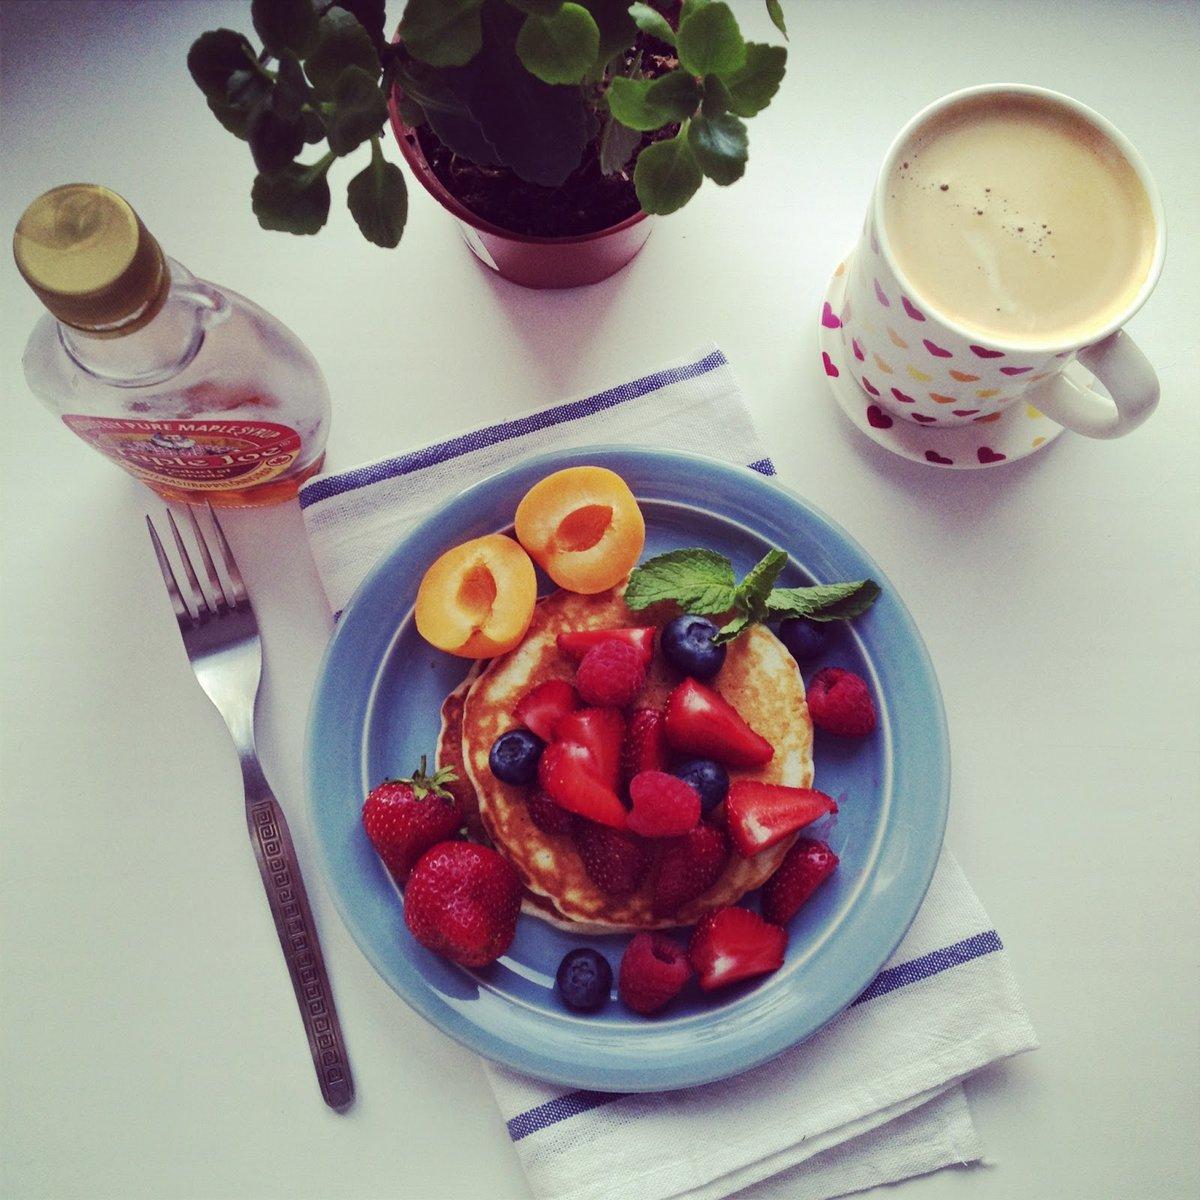 Картинки еды из инстаграма